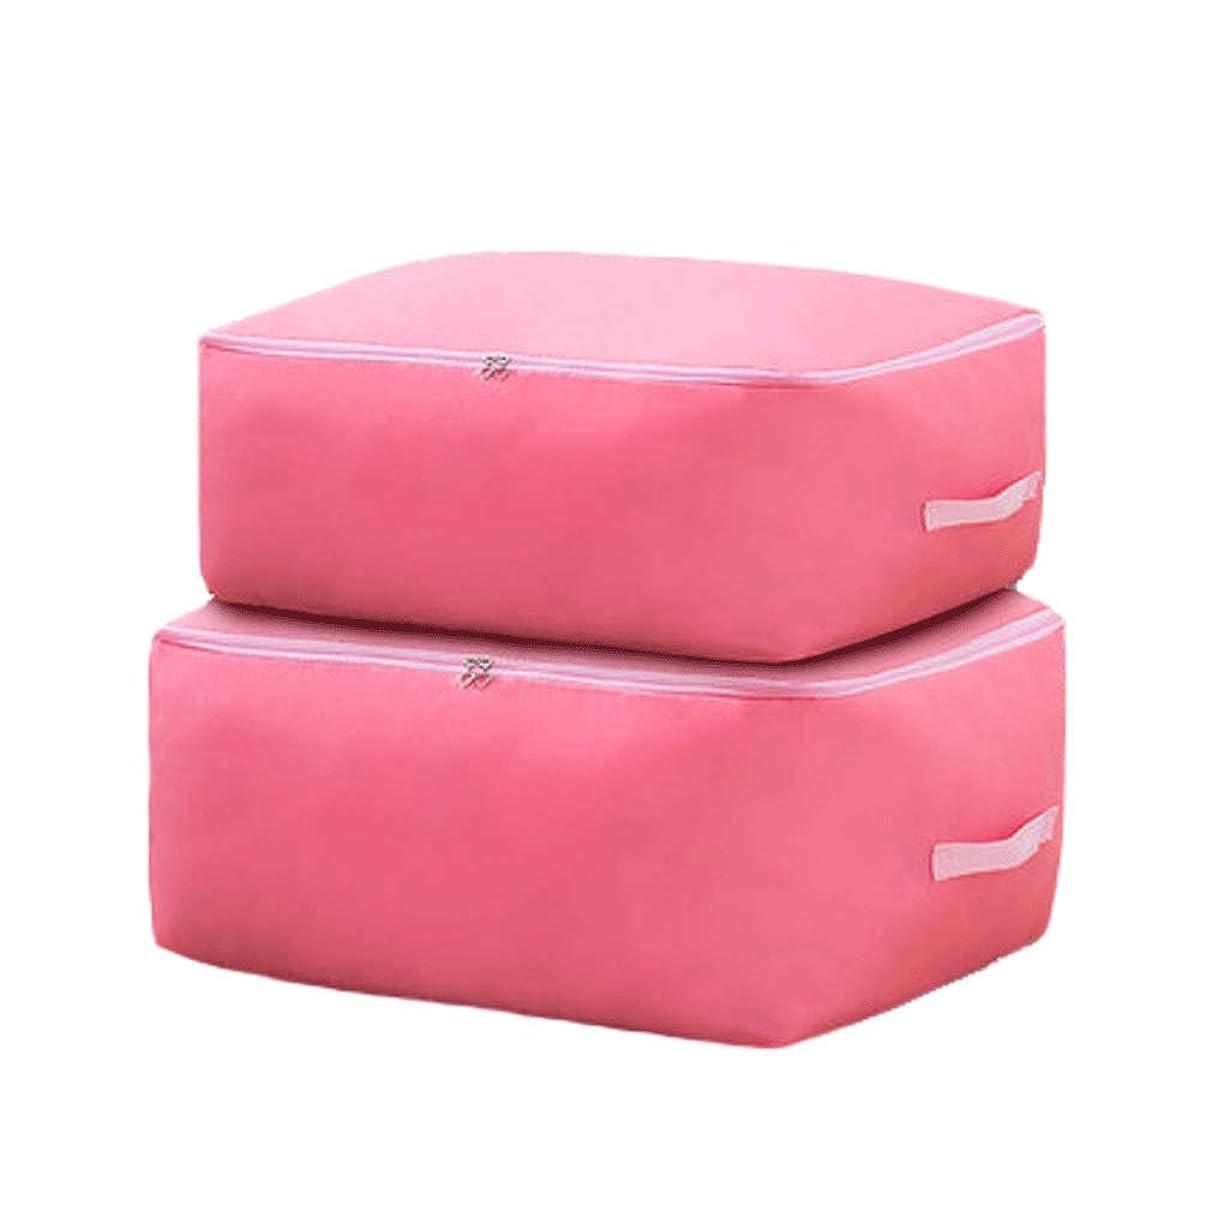 がっかりするバースト返済防湿キルト収納袋衣類分類袋家庭用収納包装袋荷物パッケージ大収納袋折りたたみ収納袋 (色 : ピンク, サイズ さいず : XXL*2)